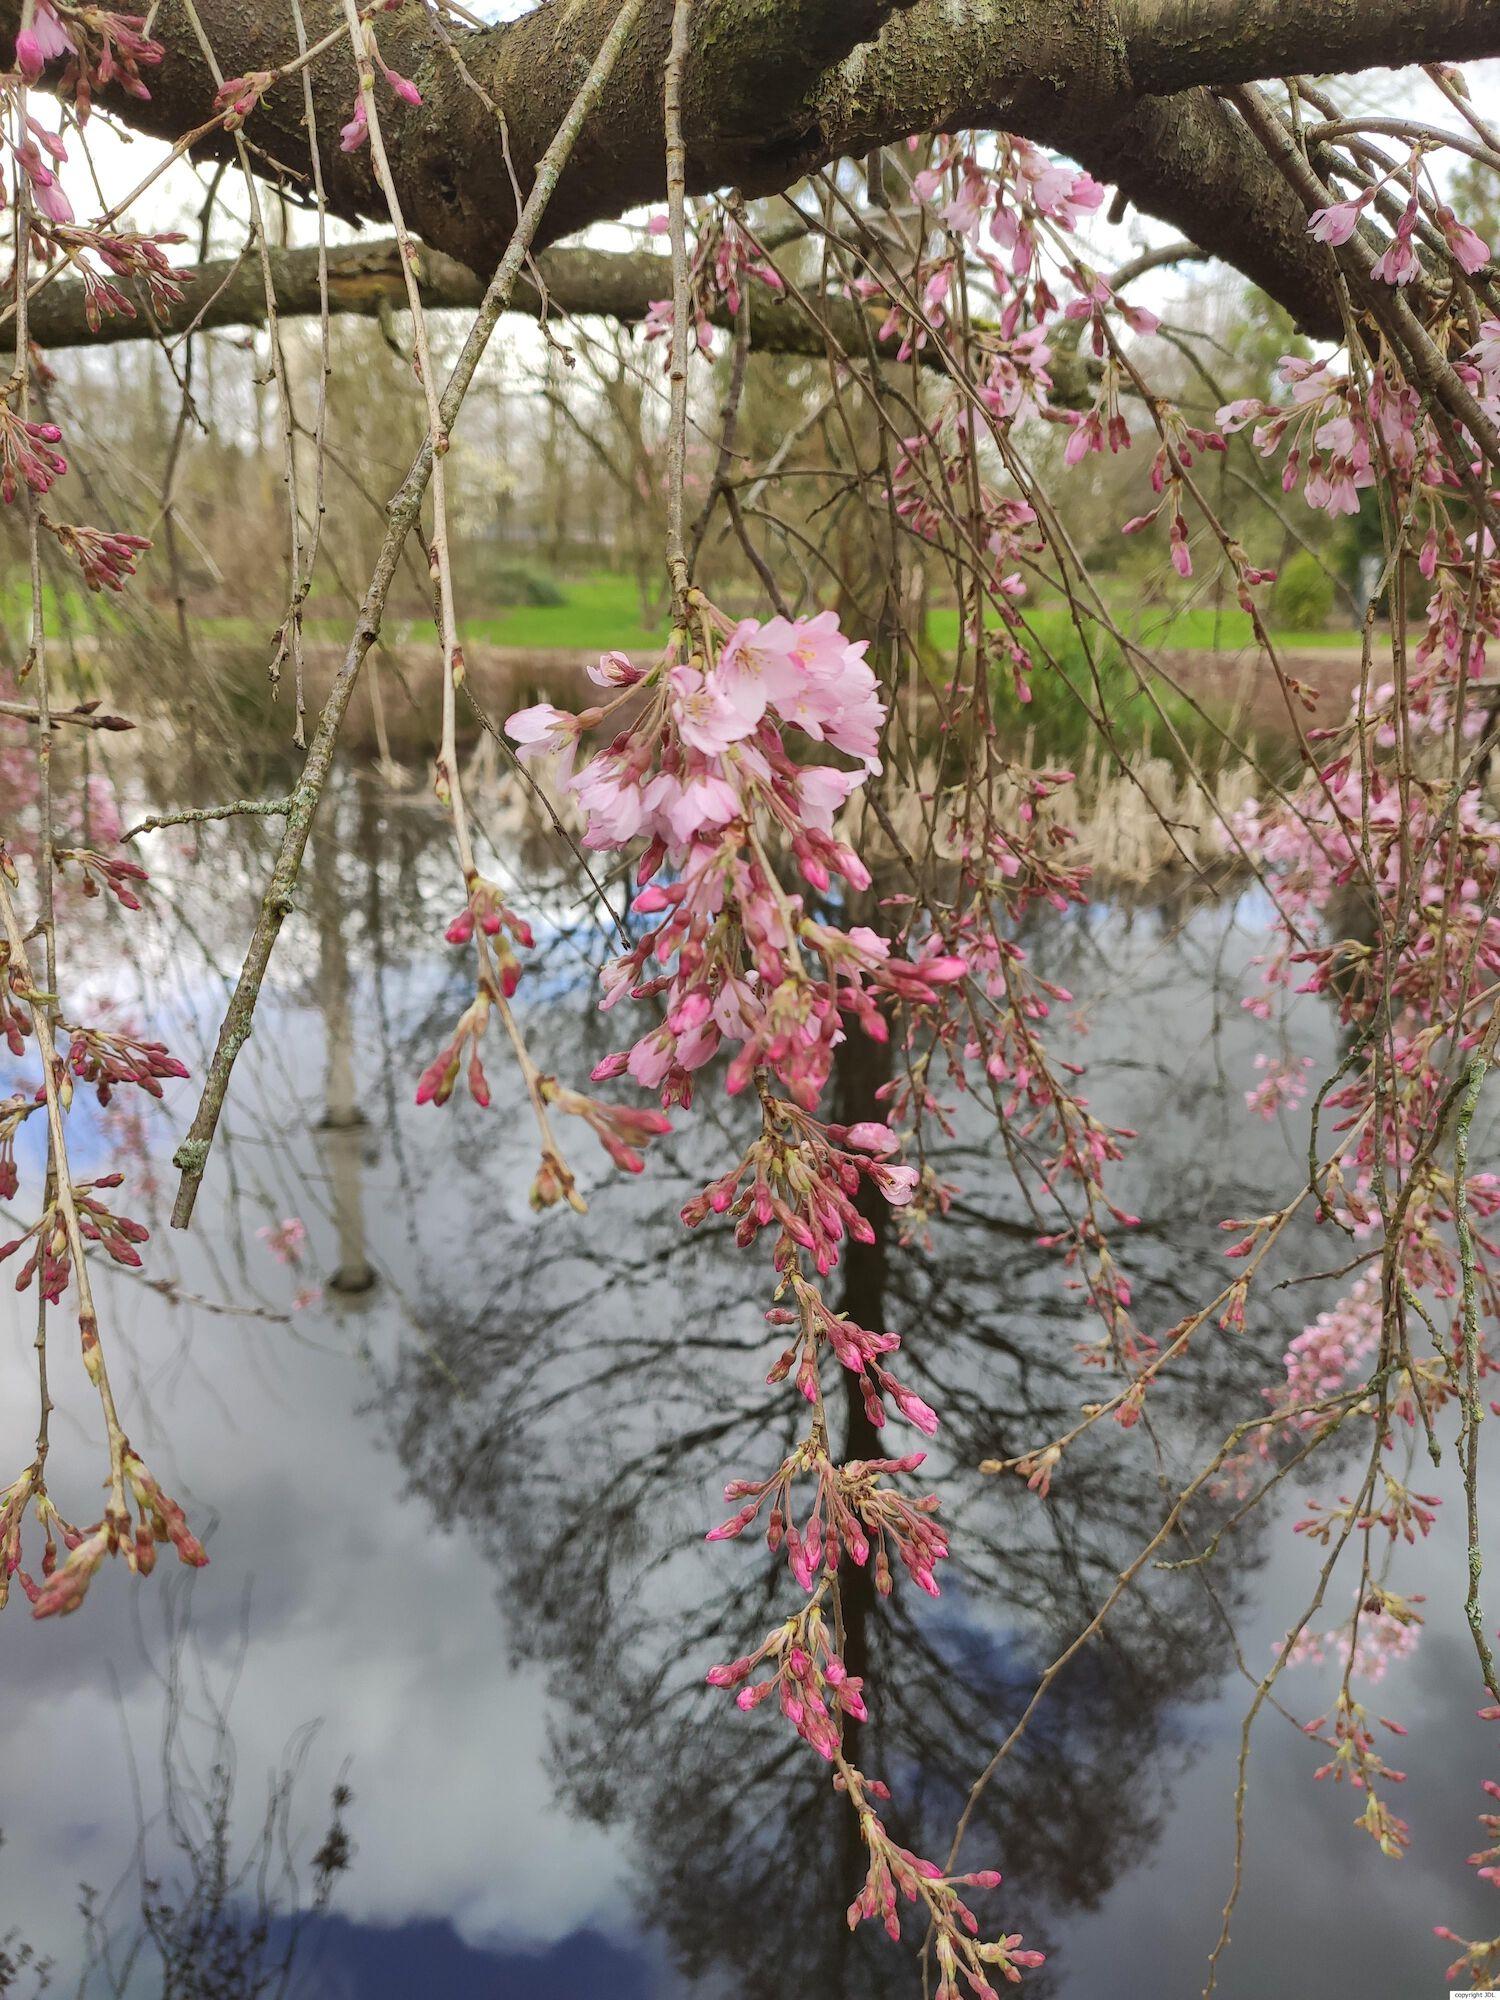 Prunus subhirtella Miq. 'Pendula Rubra'